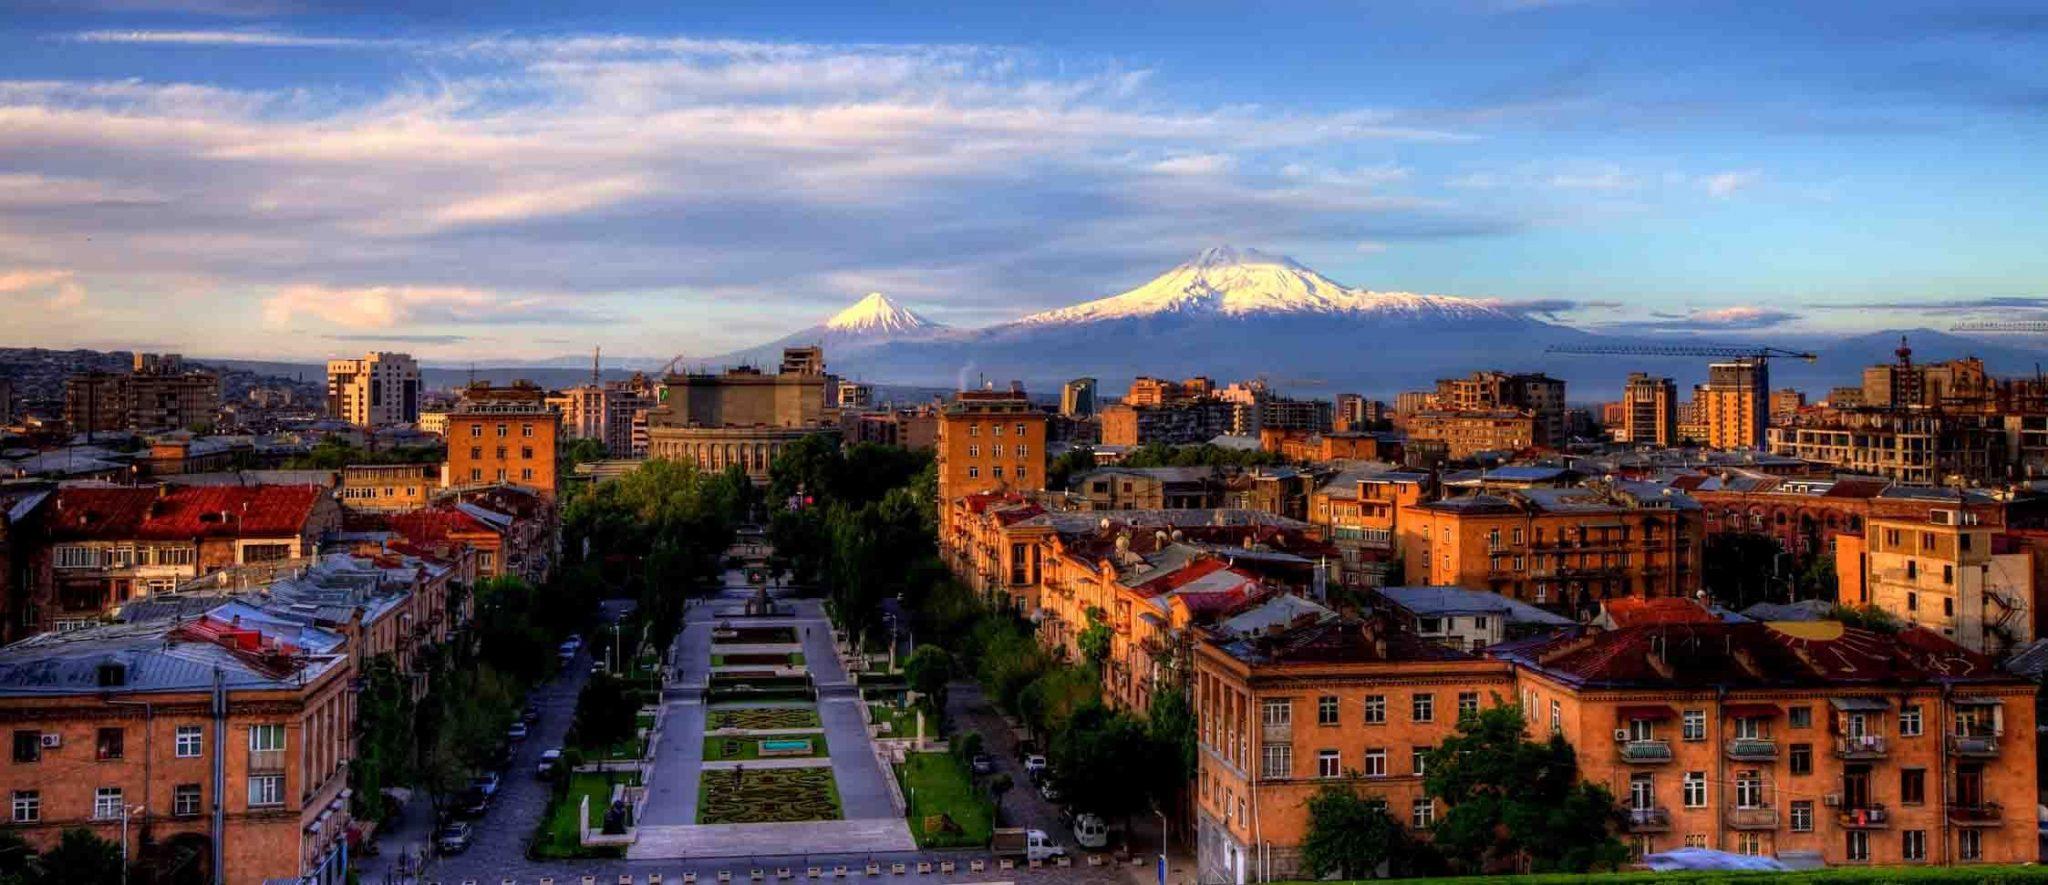 Monumentul Cascade=unul din obiective vizitate în această vacanță în Armenia.